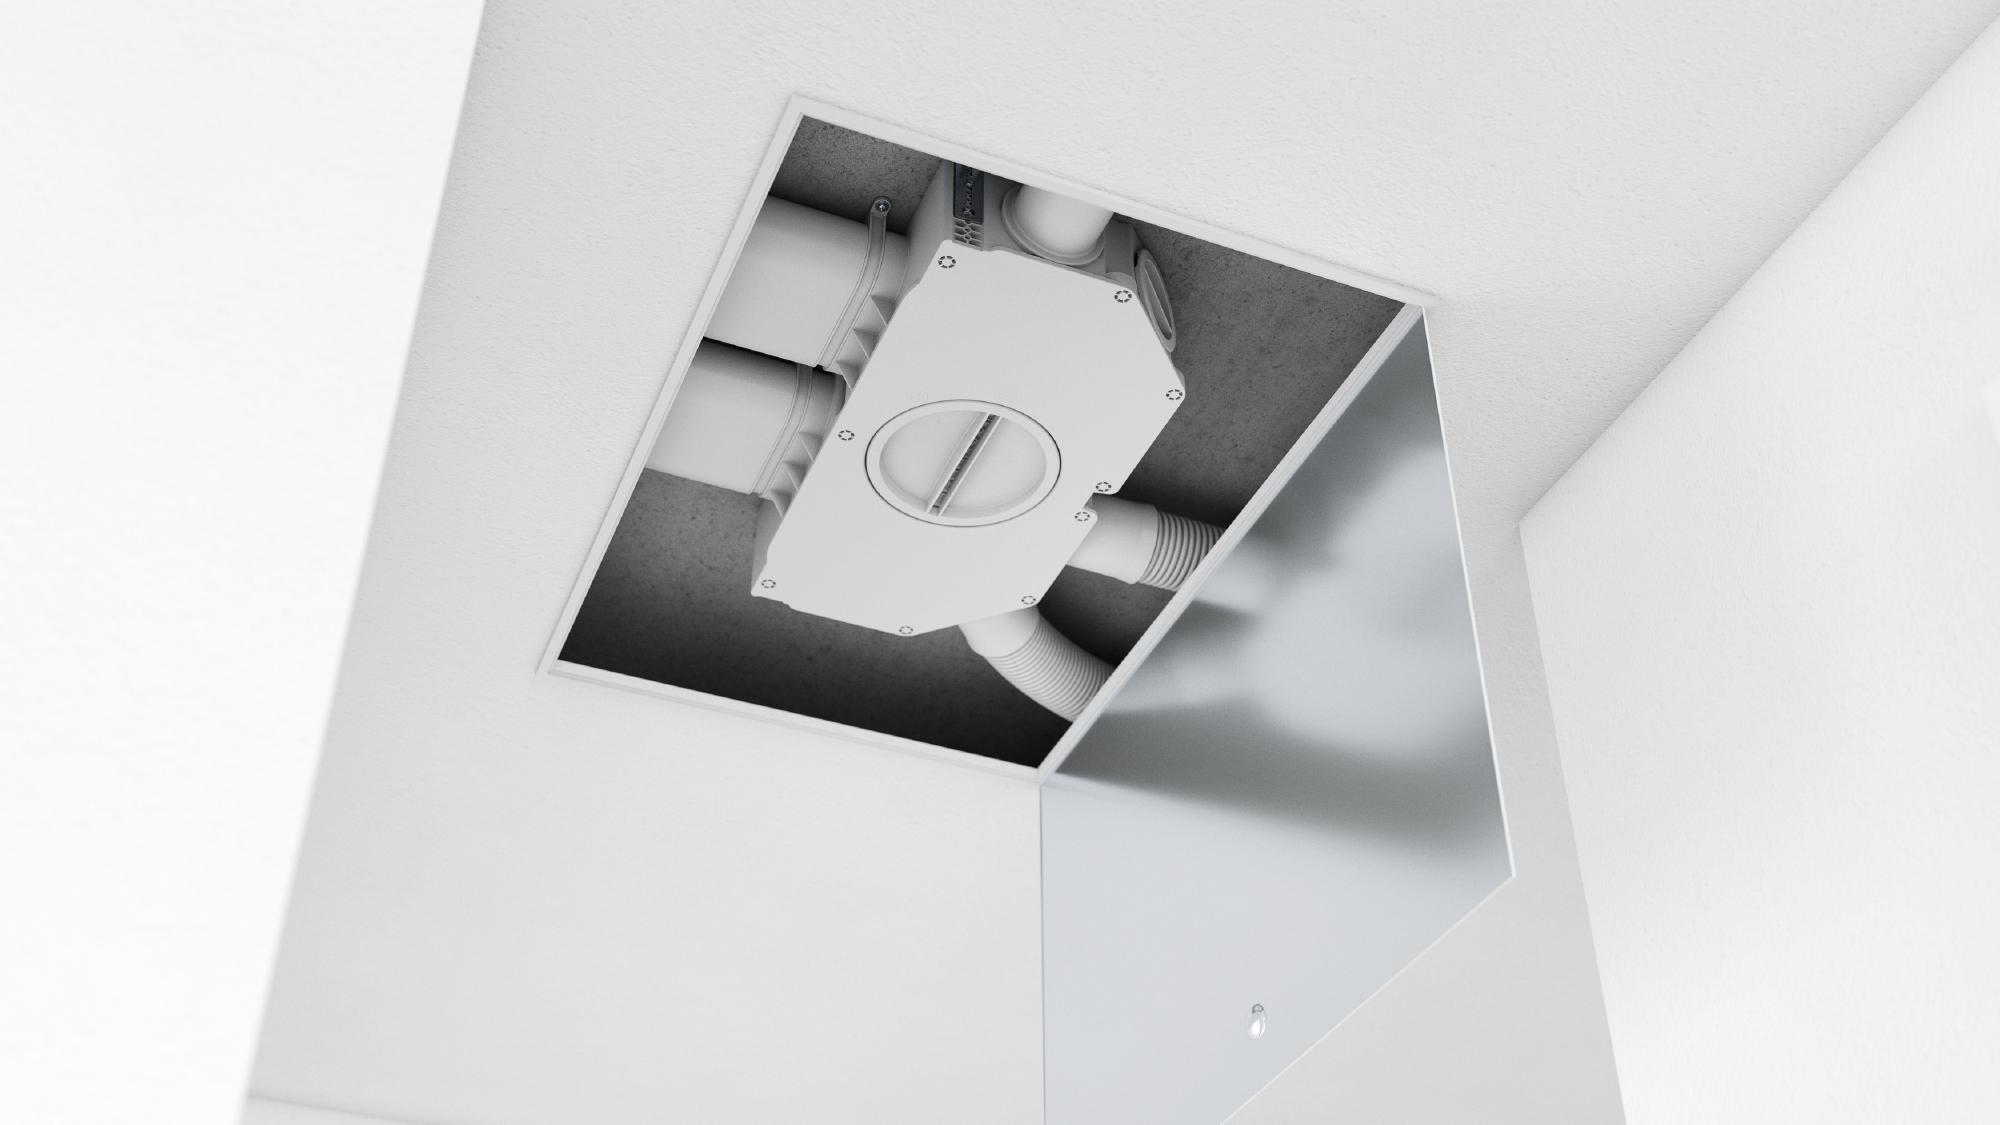 profi-air flat manifold